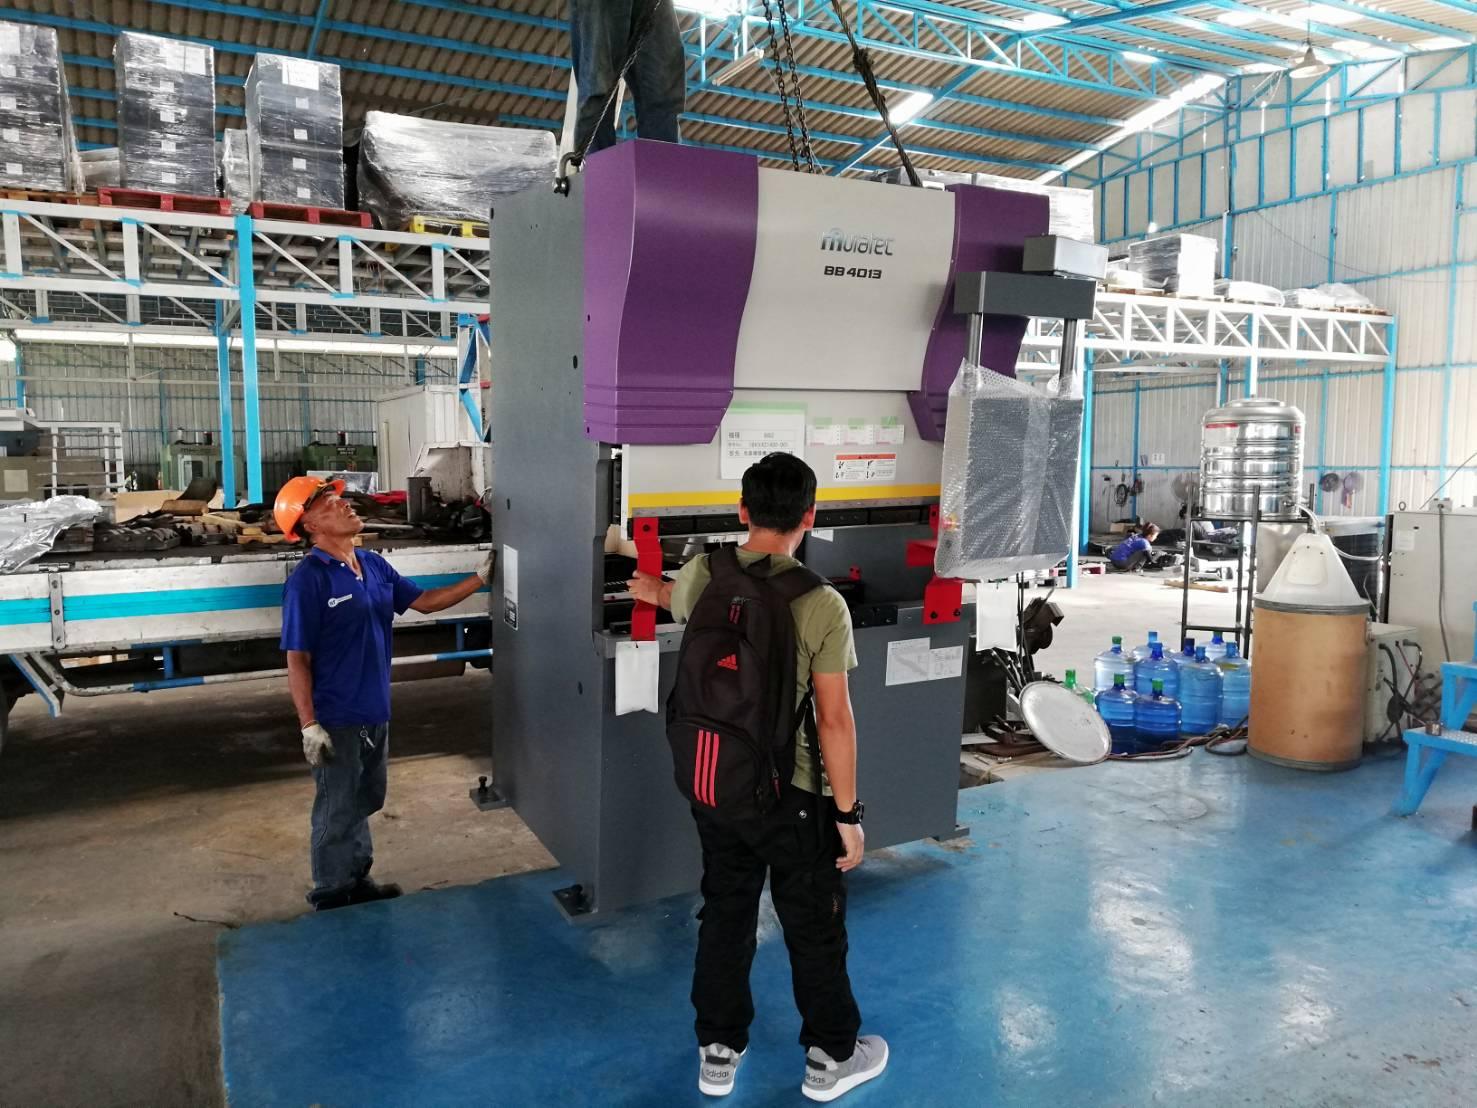 งานติดตั้งเครื่องจักร MURATEC Press Brake BB4013 @ Option 4x4 2/6/61